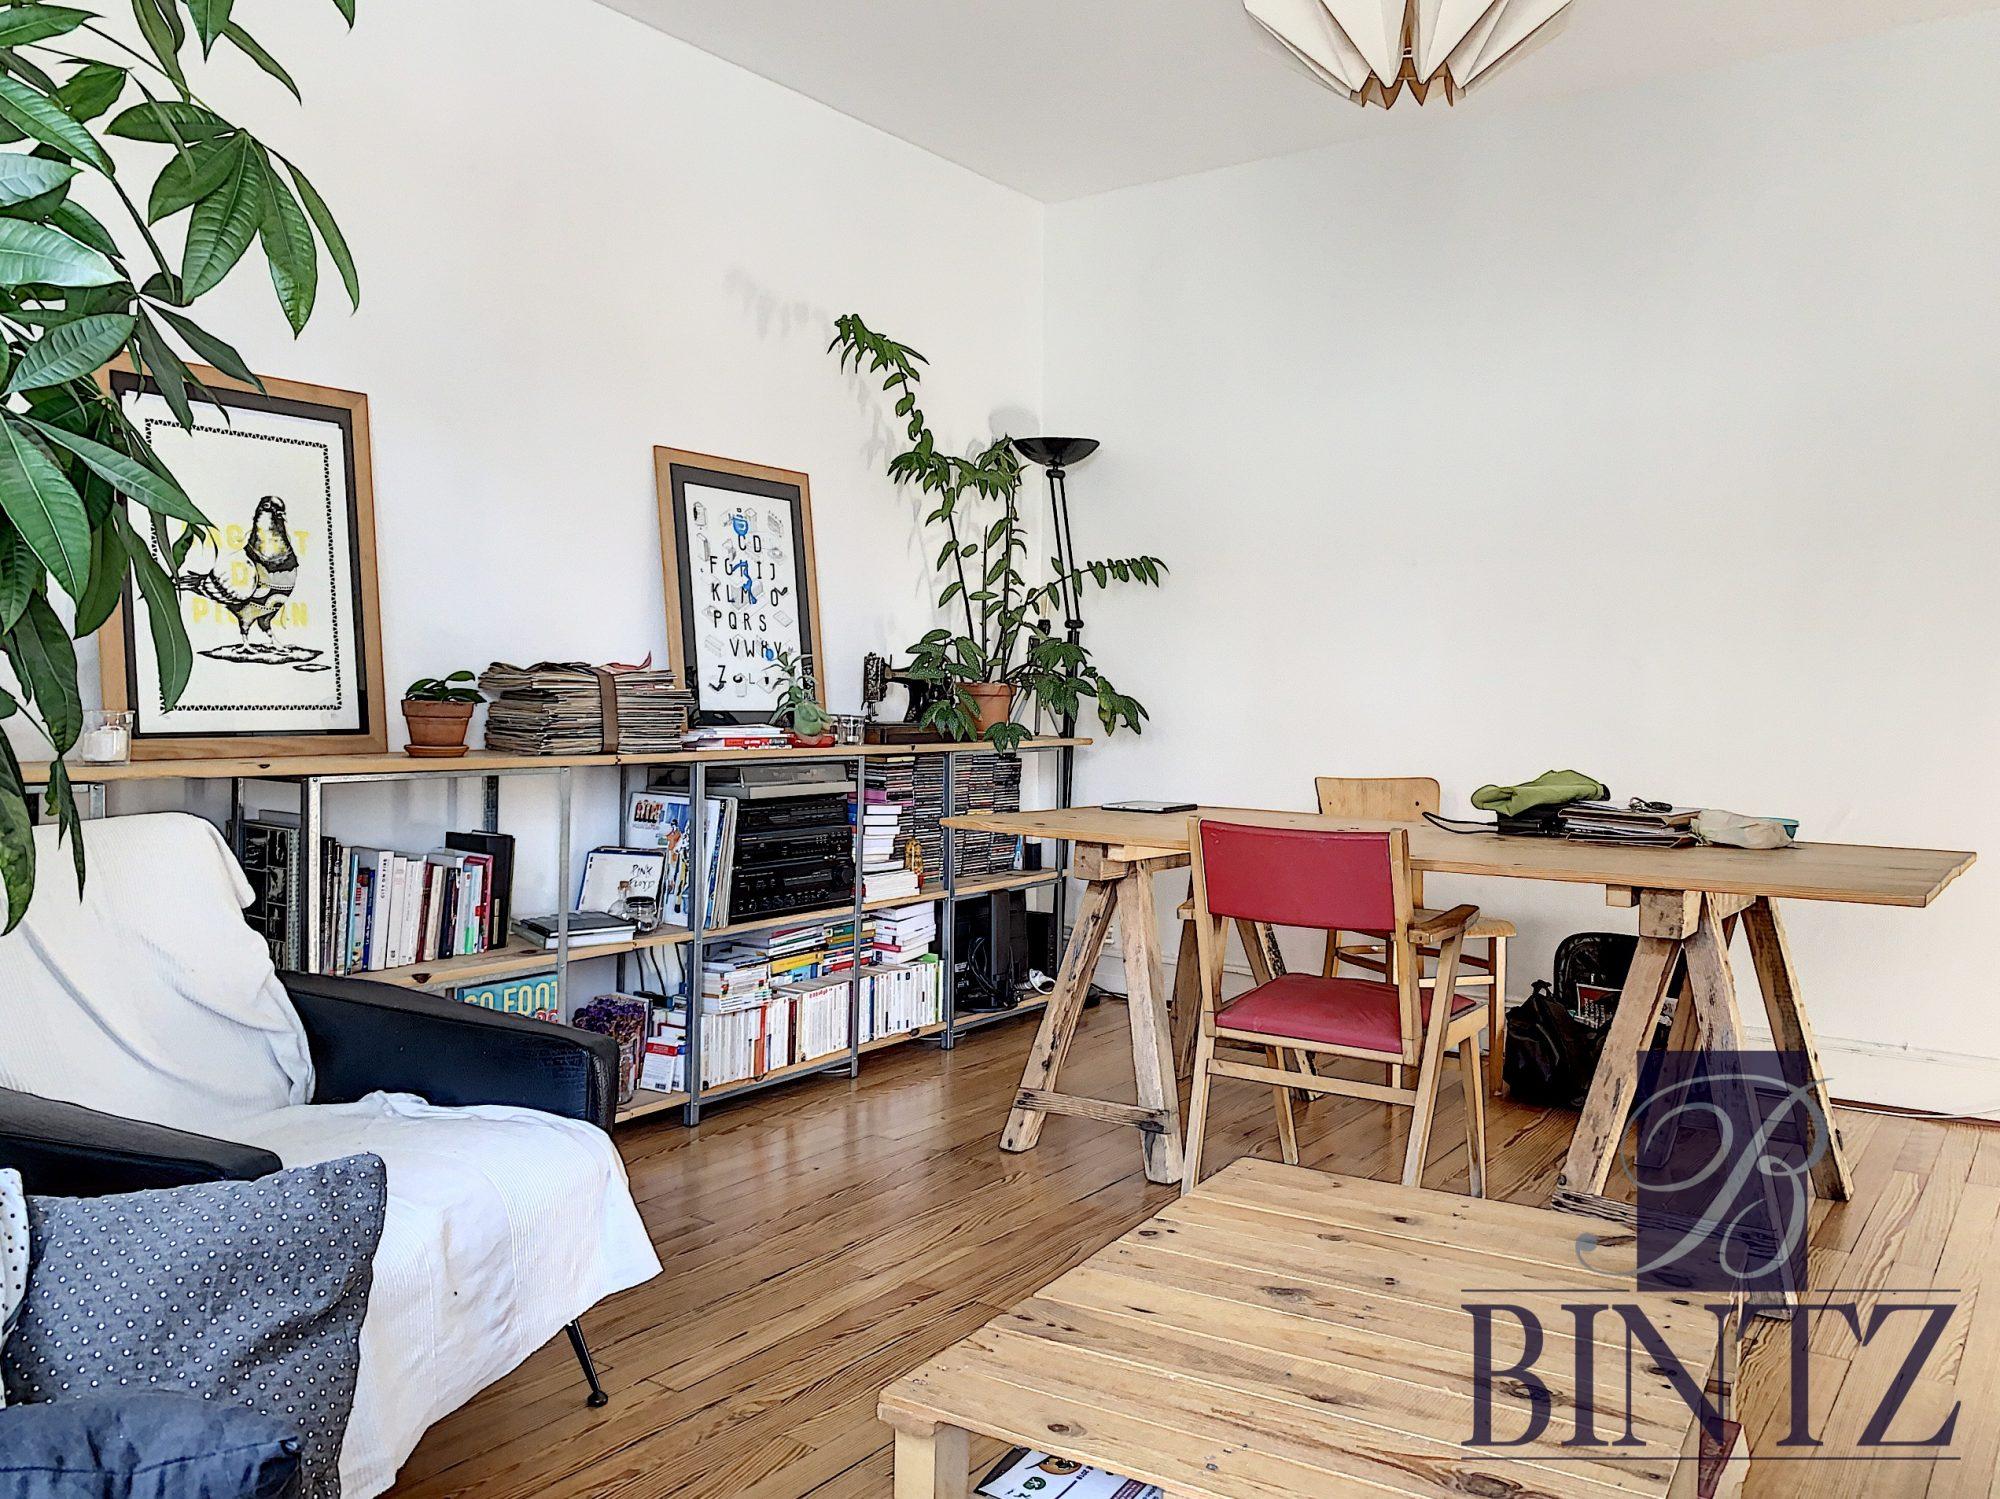 HORRIBLE 2 PIECES - Devenez locataire en toute sérénité - Bintz Immobilier - 1